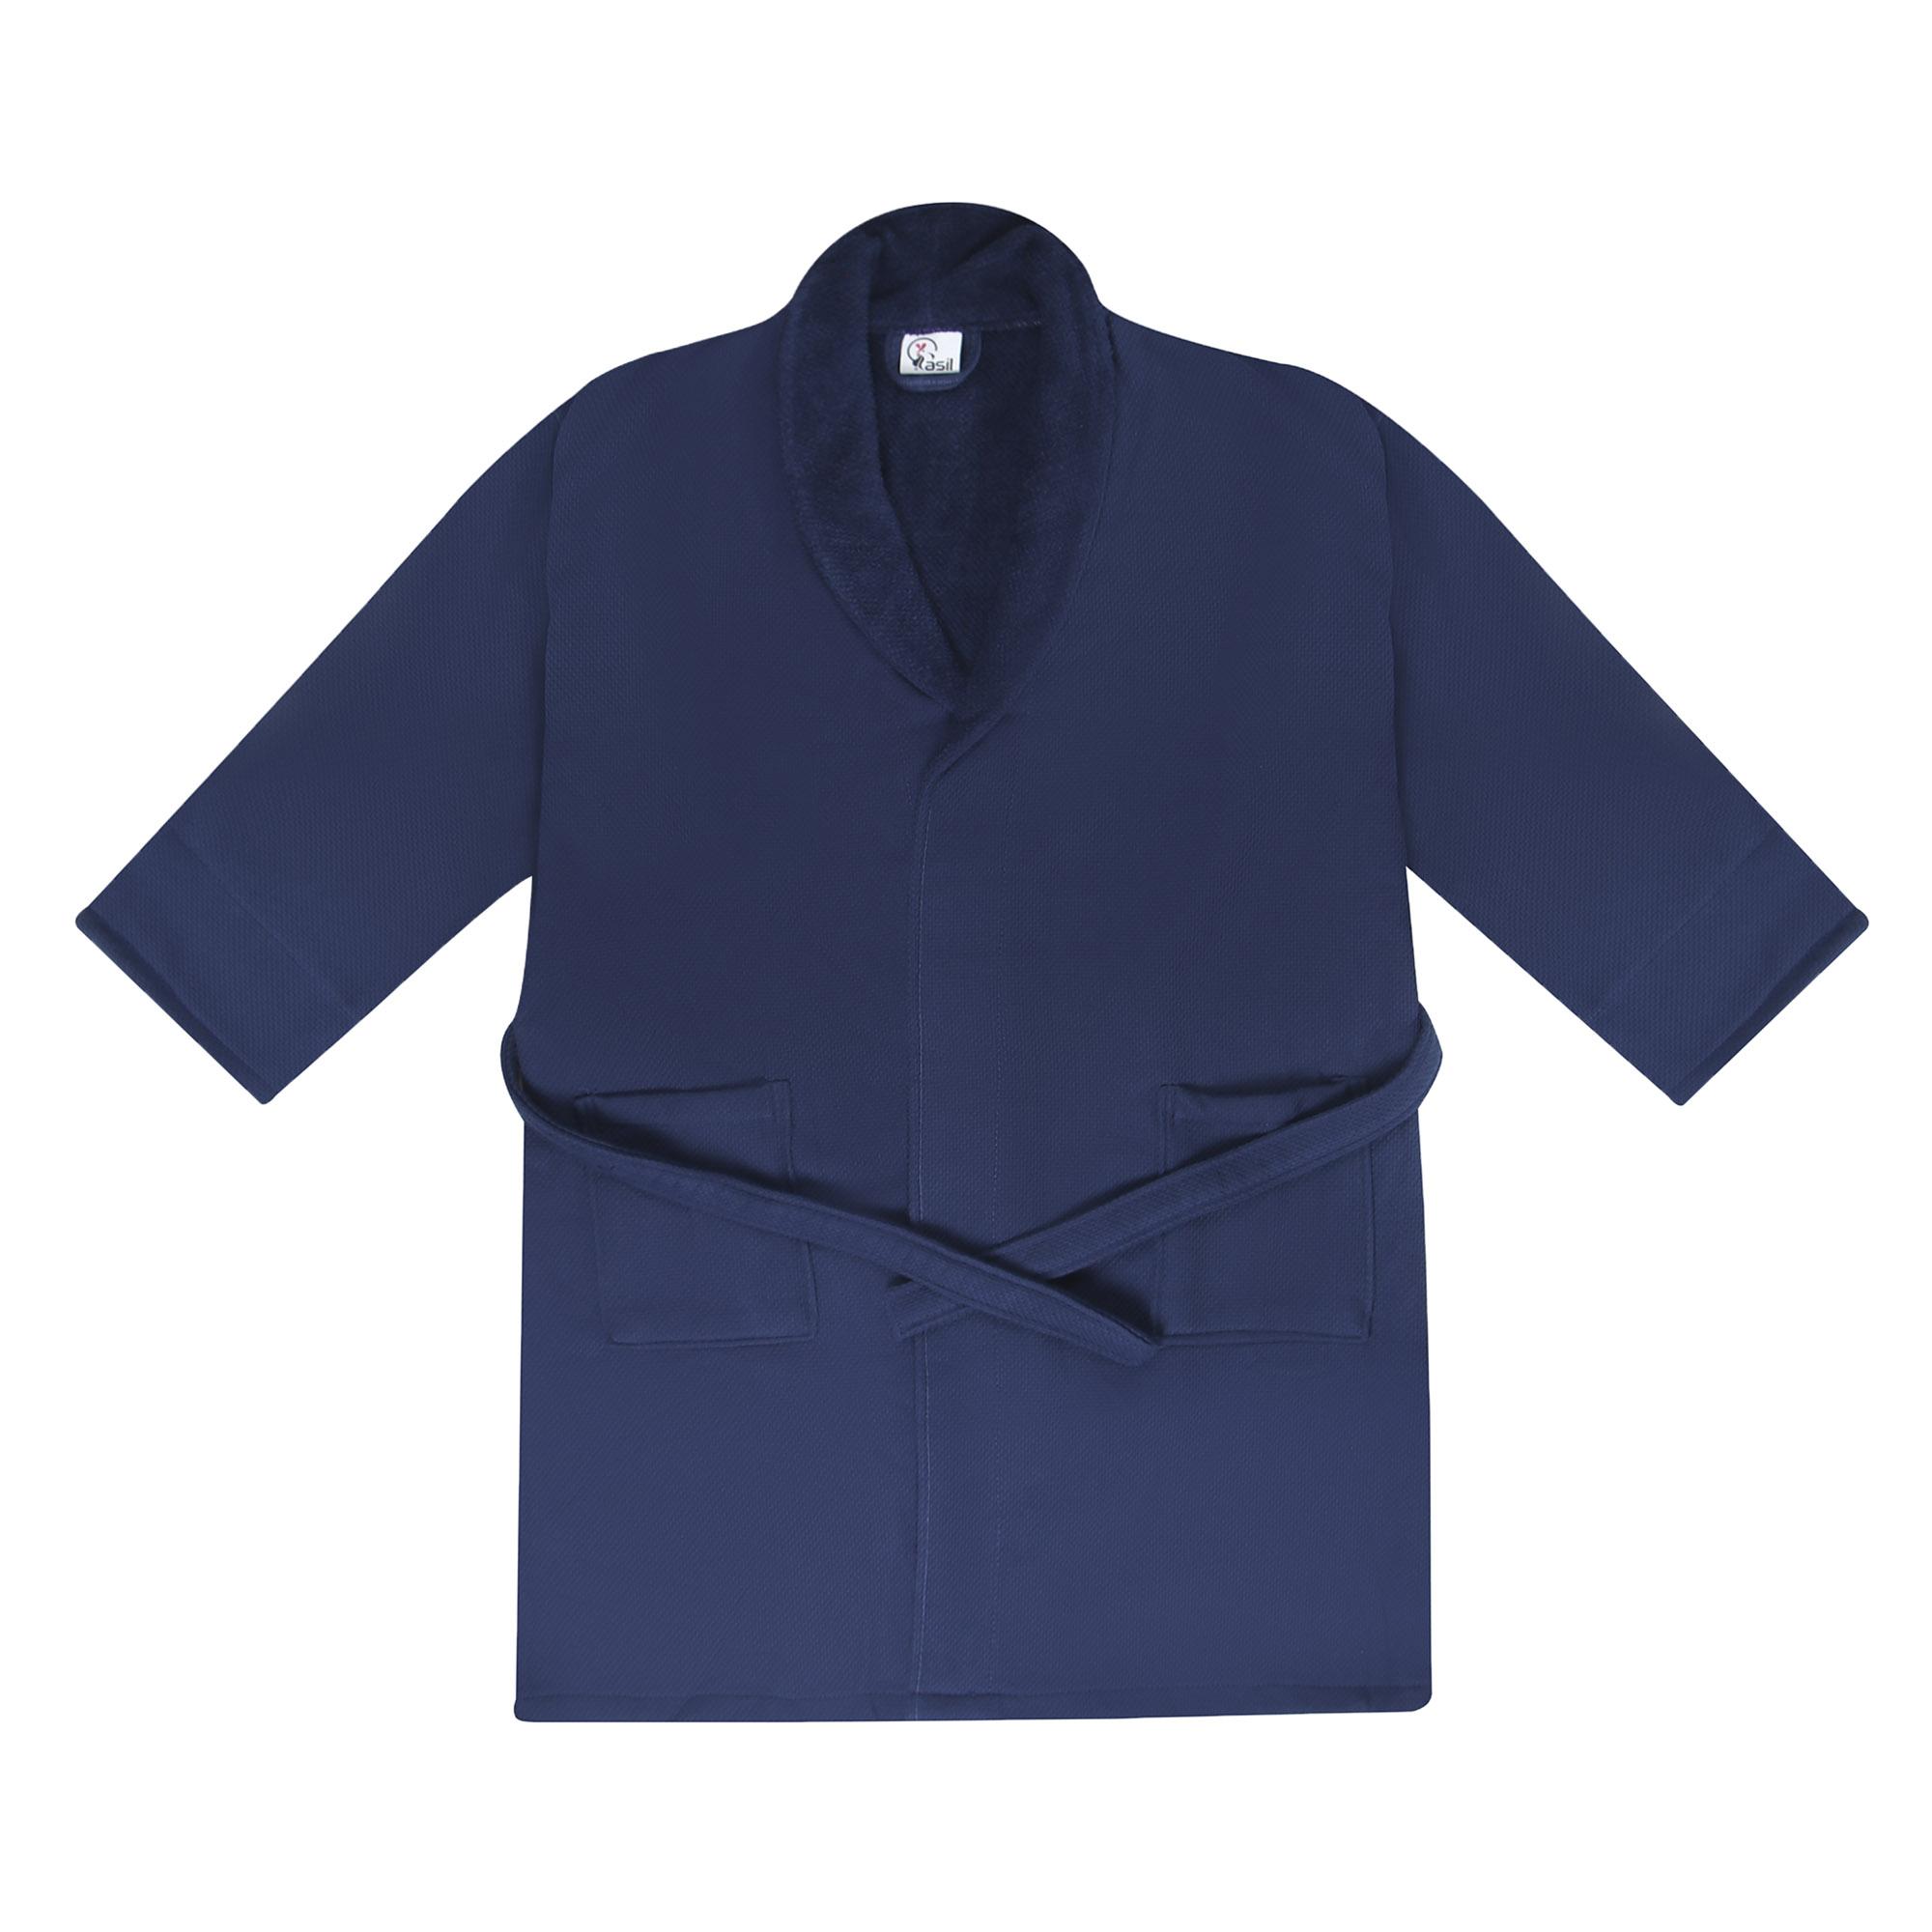 Фото - Халат махровый Asil двухсторонний XL темно-синий халат махровый asil двухсторонний xxl темно синий